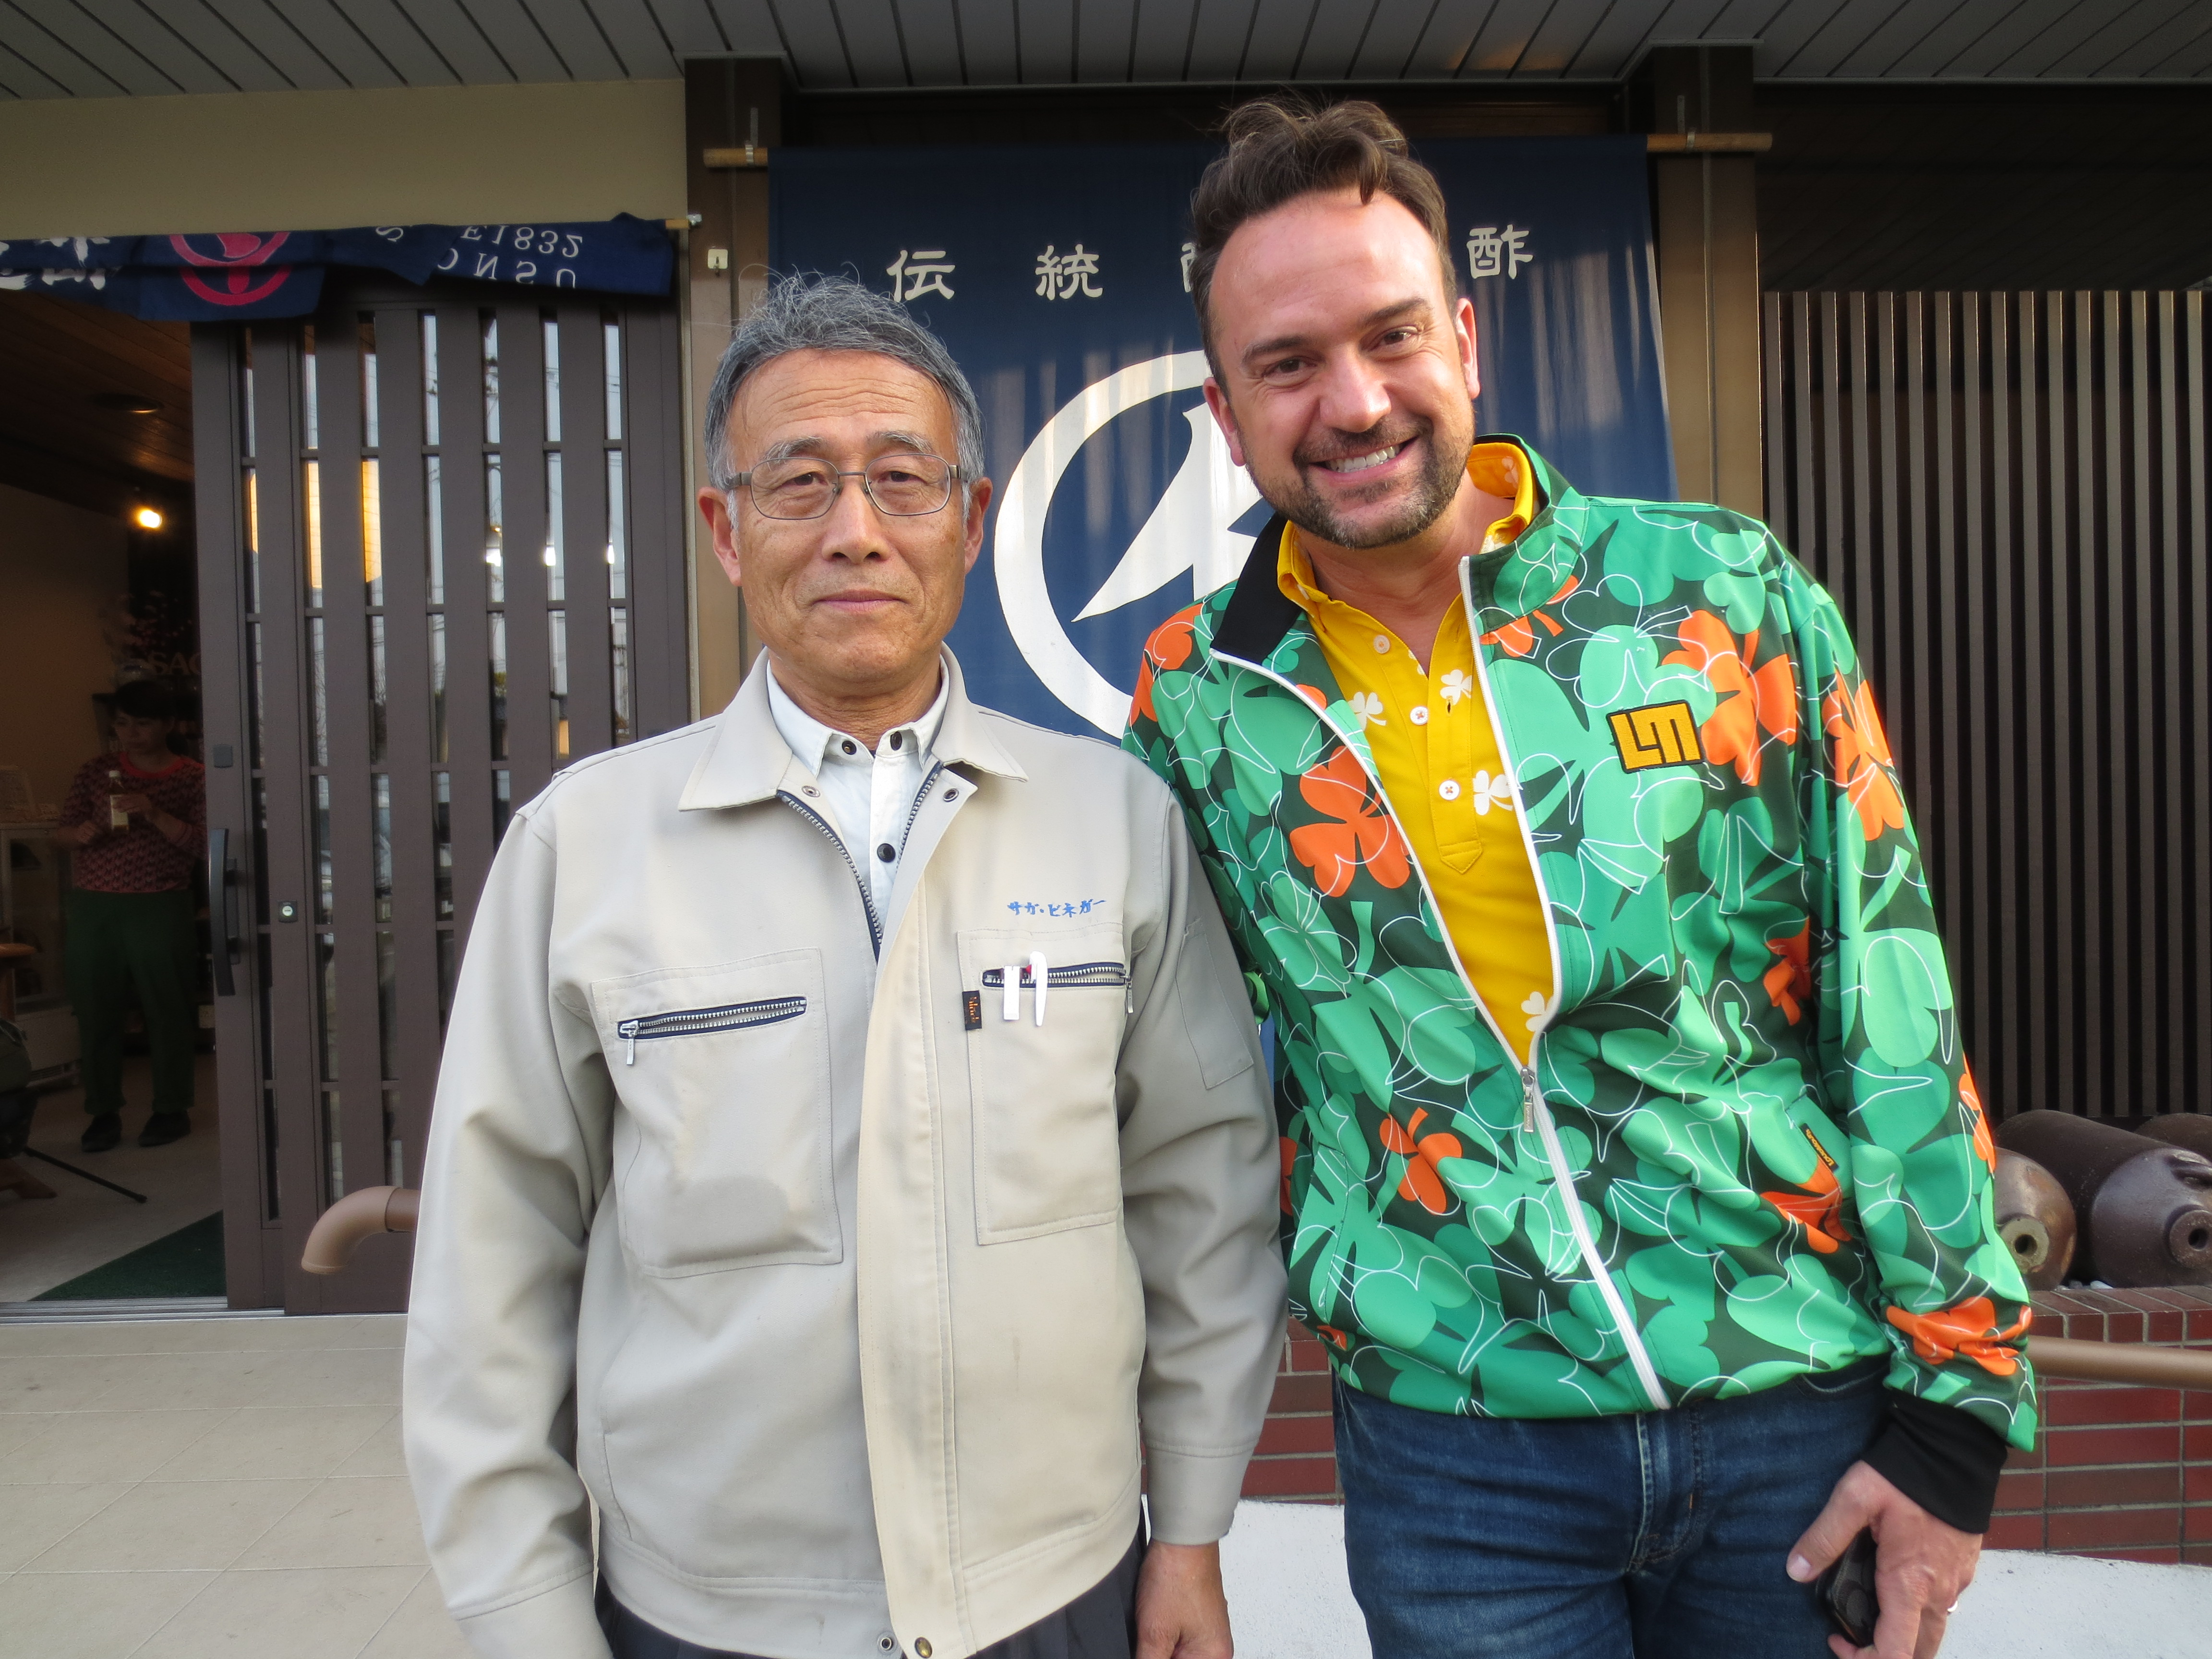 「Trails to oishii Tokyo」テレビリポーターのジェイソンさんです。